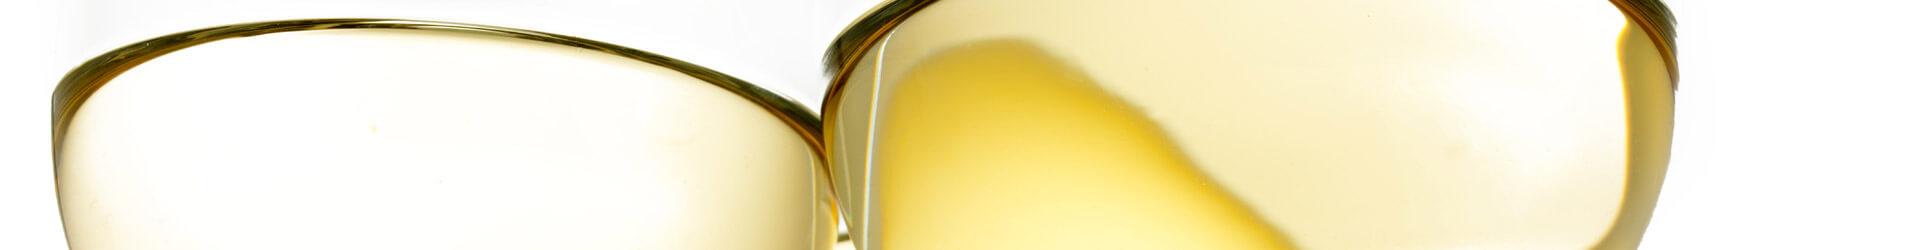 Dégustation vin blanc